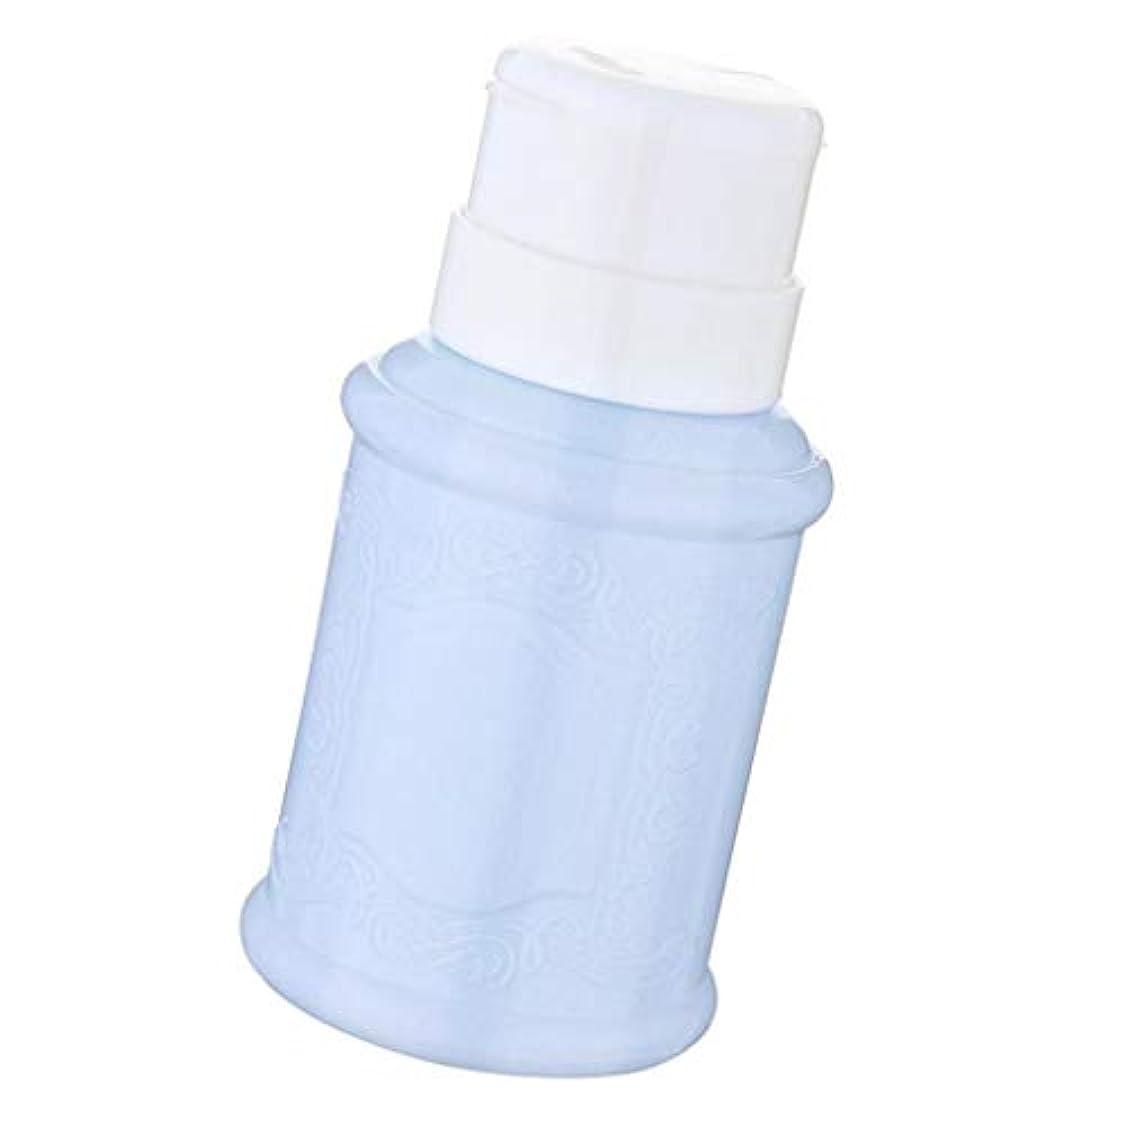 誓約ワンダー盲目ポンプディスペンサー ネイル リットル空ポンプ ネイルクリーナーボトル 全3色 - 青